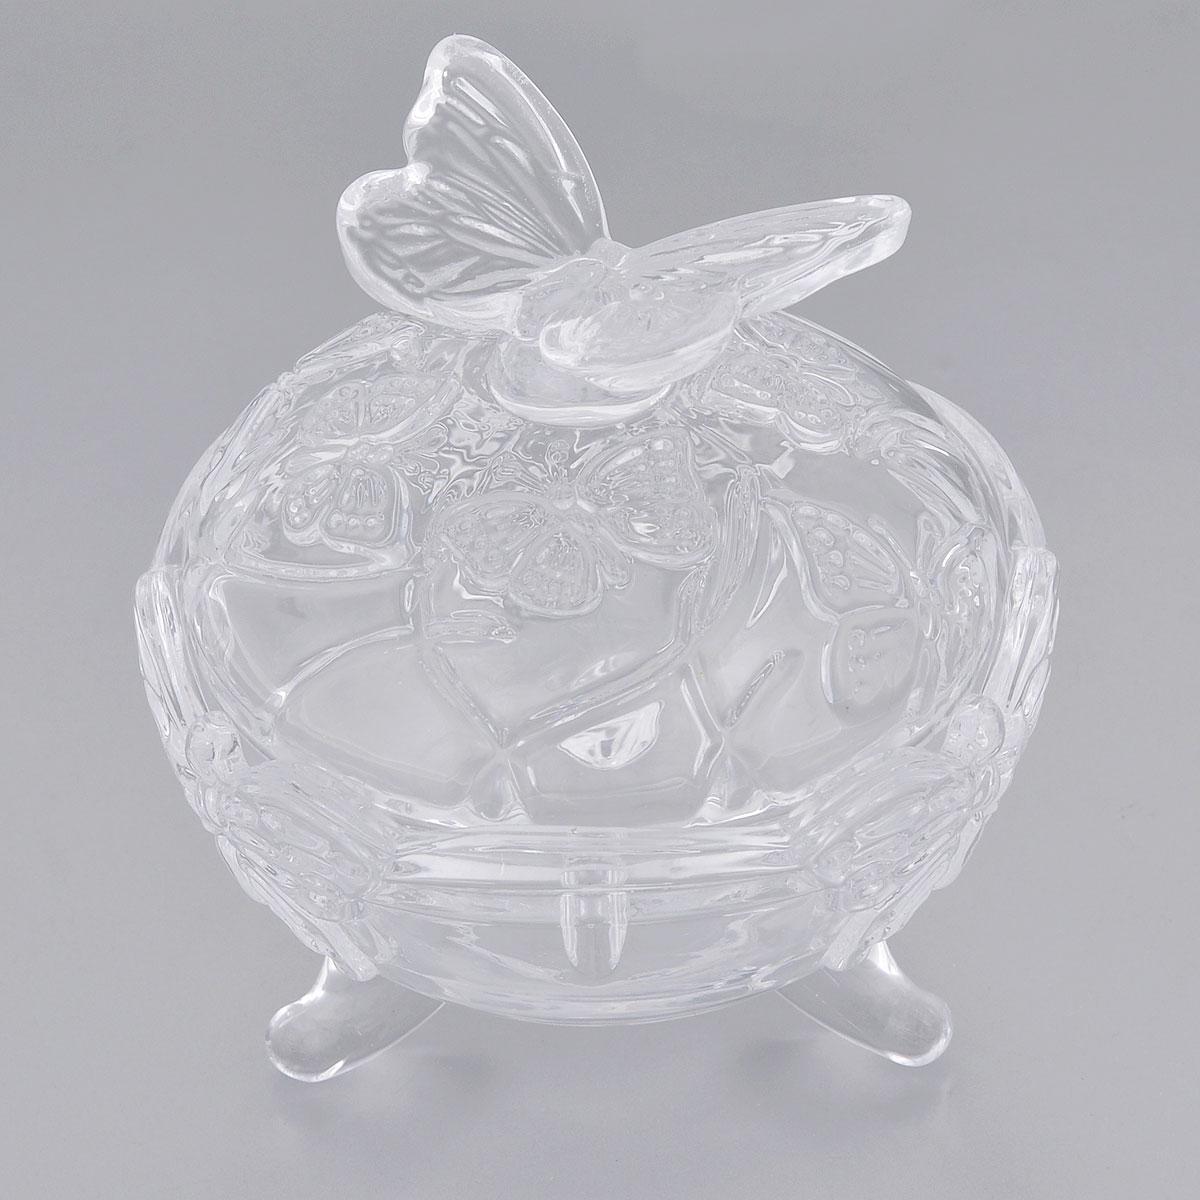 Конфетница Elan Gallery Бабочки, с крышкой, диаметр 10,5 см890114Элегантная конфетница Elan Gallery Бабочки, изготовленная из прочного стекла, имеет многогранную рельефную поверхность в виде бабочек. Конфетница оснащена ножками и крышкой с удобной ручкой. Изделие предназначено для подачи сладостей (конфет, сахара, меда, изюма, орехов и многого другого). Она придает легкость, воздушность сервировке стола и создаст особую атмосферу праздника. Конфетница Elan Gallery Бабочки не только украсит ваш кухонный стол и подчеркнет прекрасный вкус хозяина, но и станет отличным подарком для ваших близких и друзей. Диаметр конфетницы (по верхнему краю): 10,5 см. Высота конфетницы (с учетом крышки): 11,5 см.